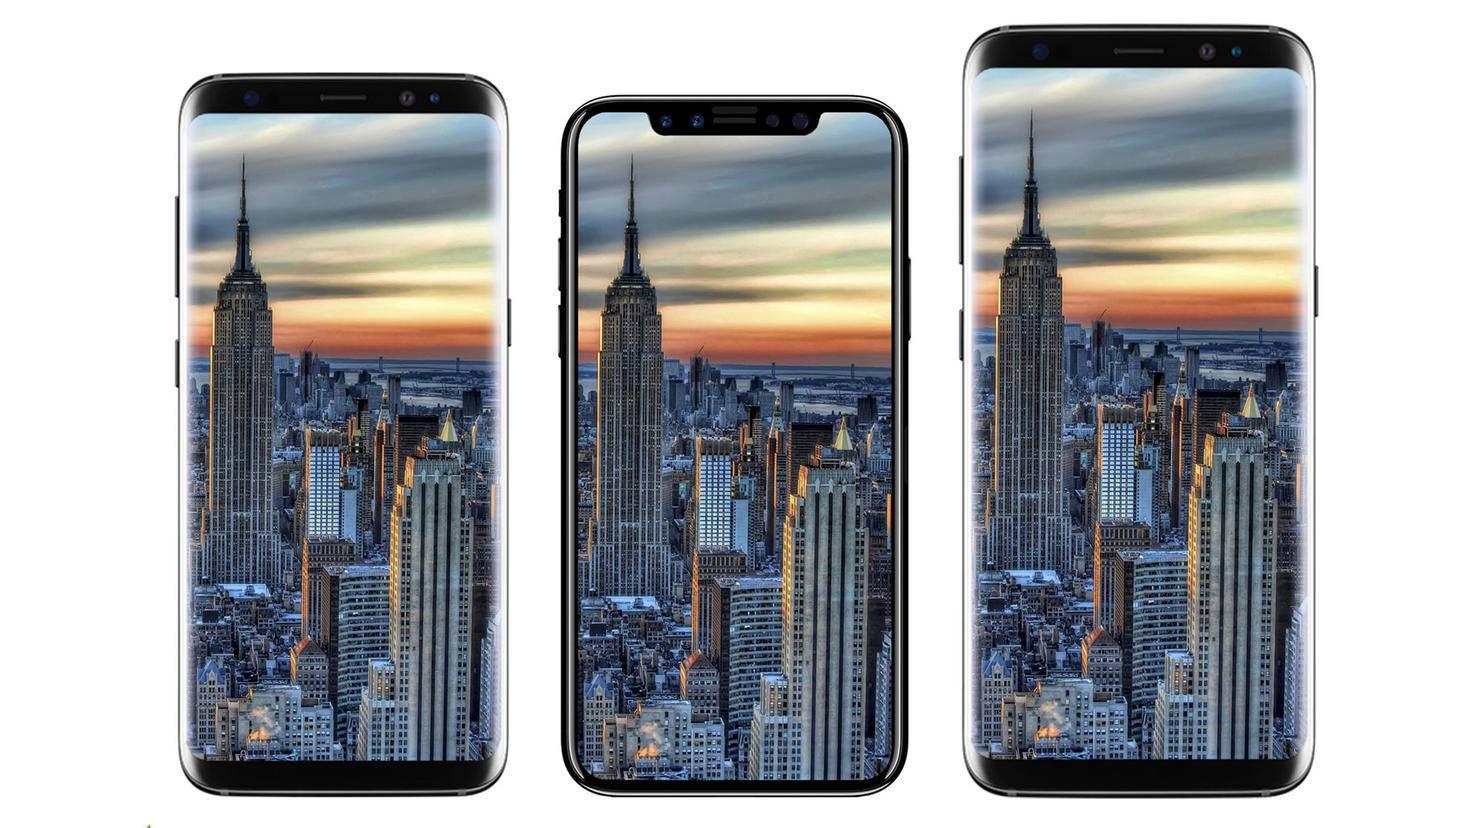 iphone-8-galaxy-s8